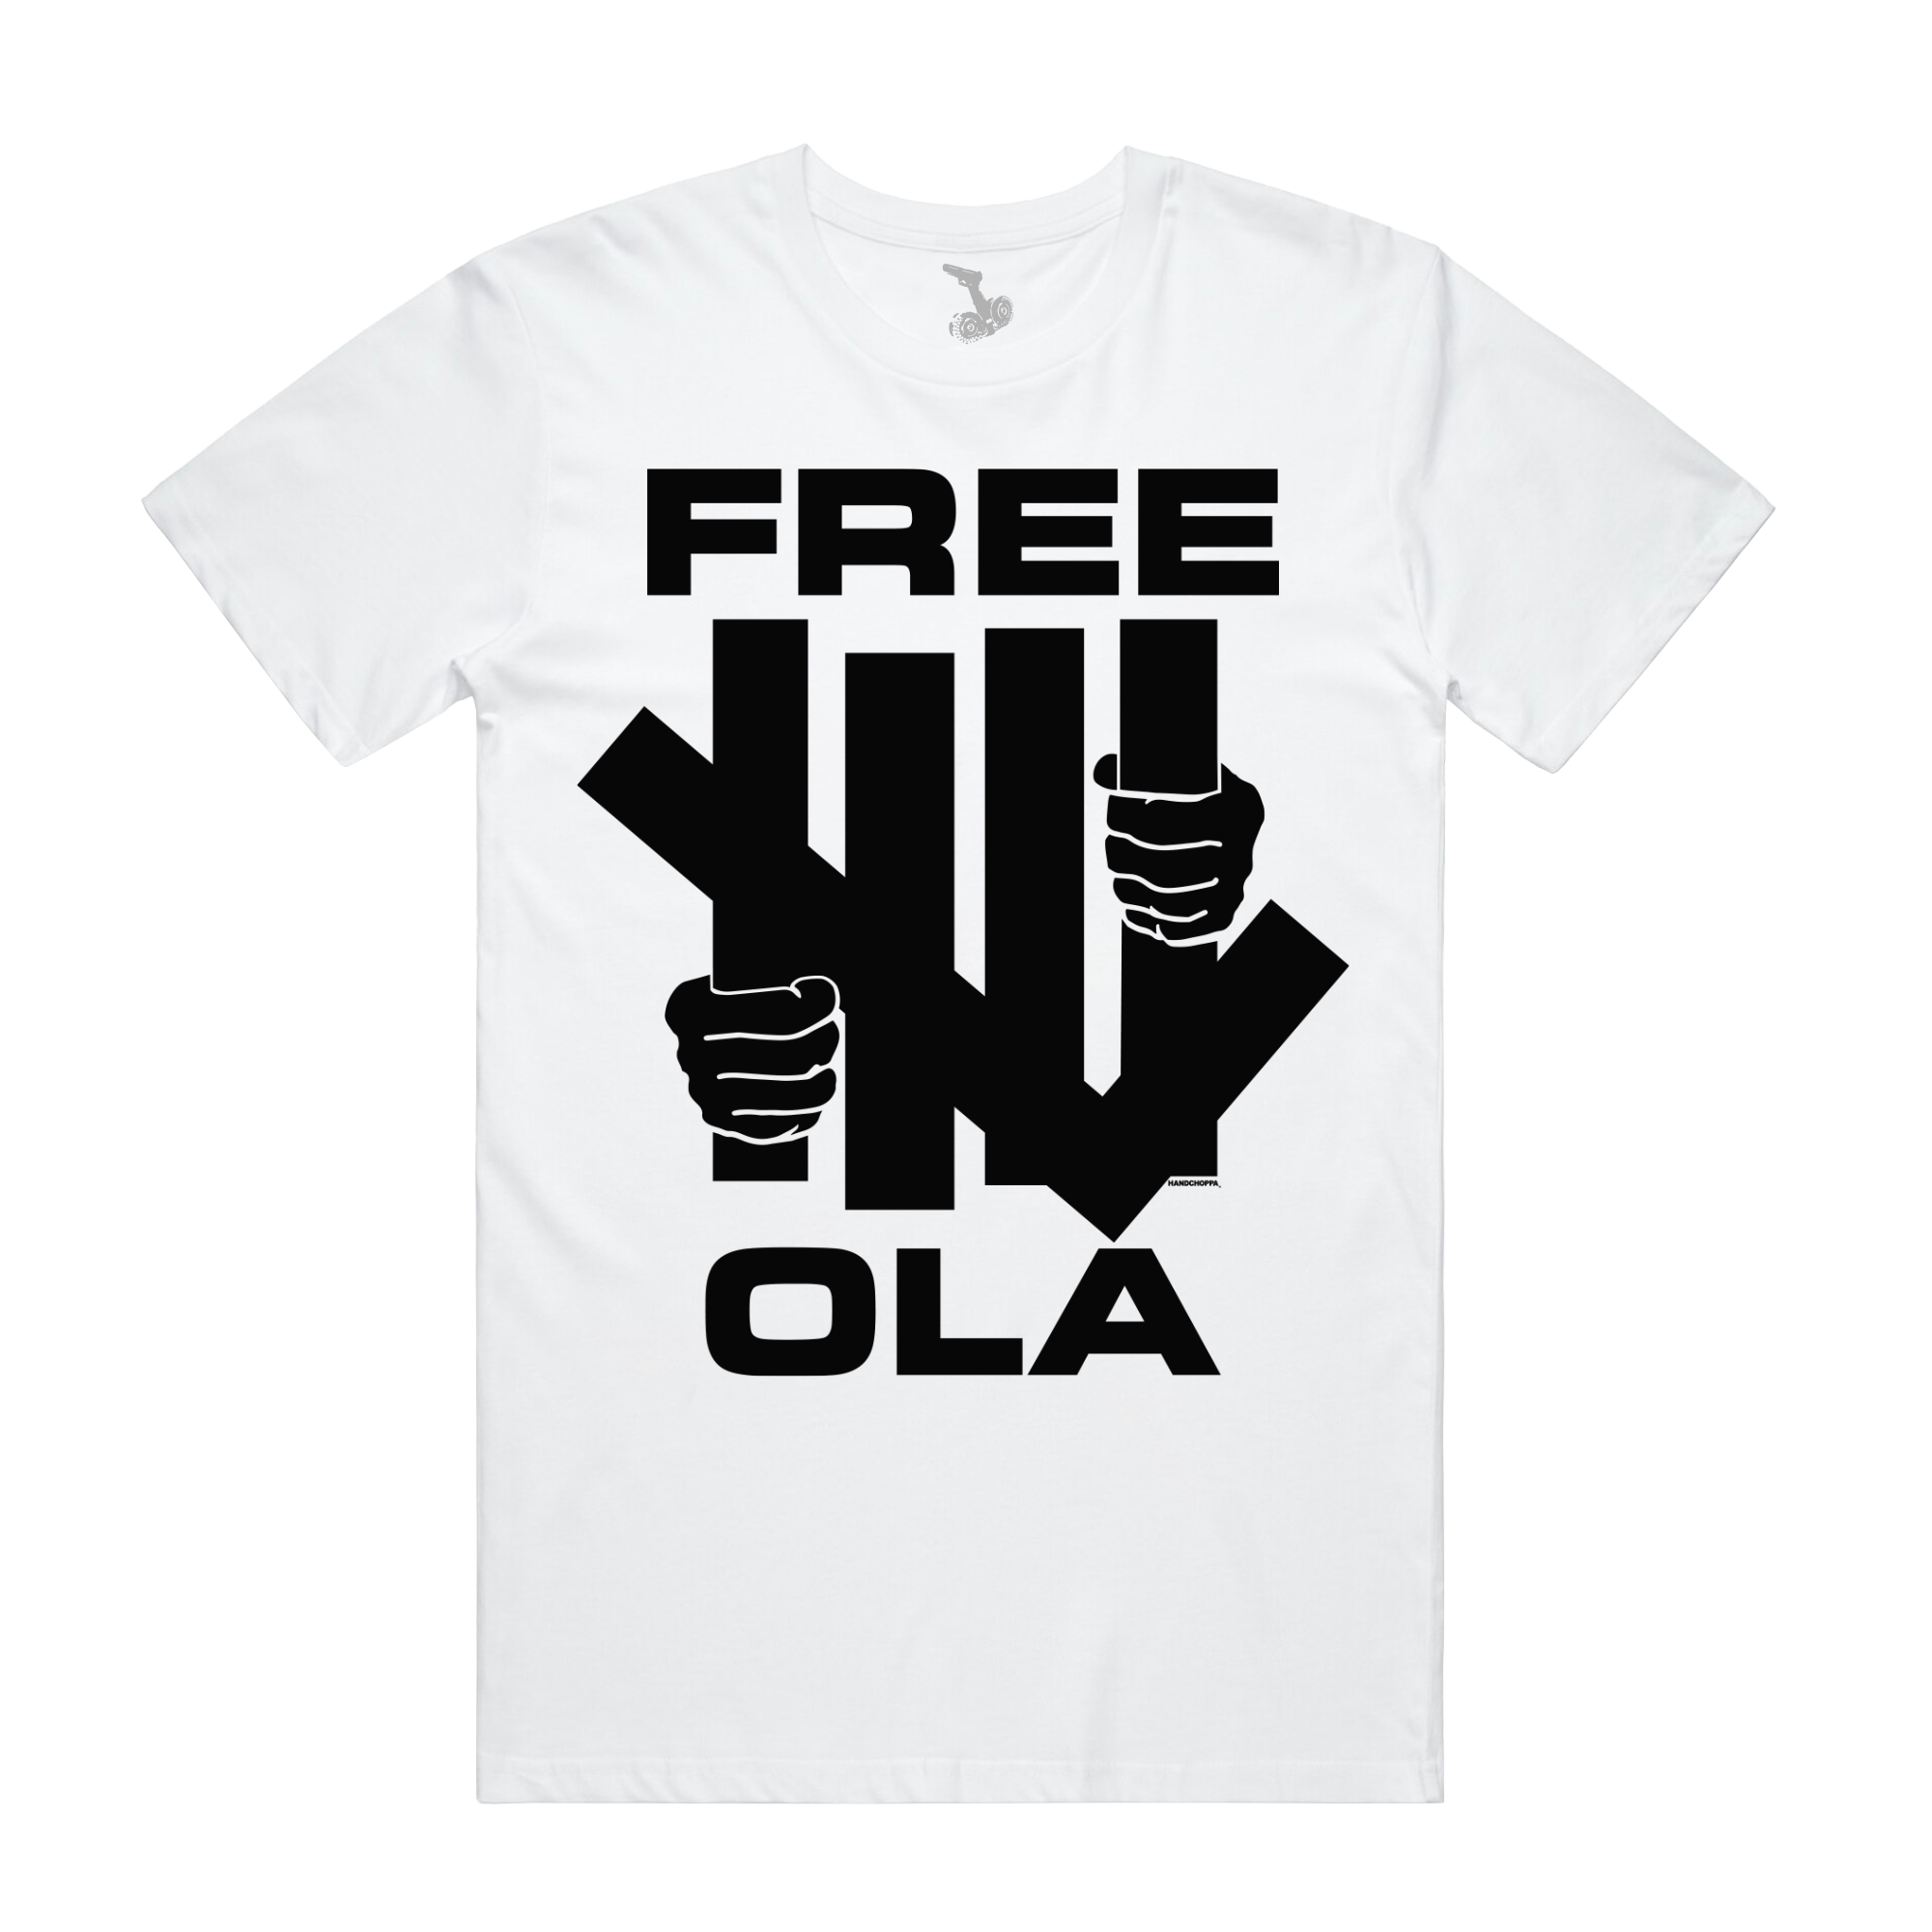 Free Ola Tee - White